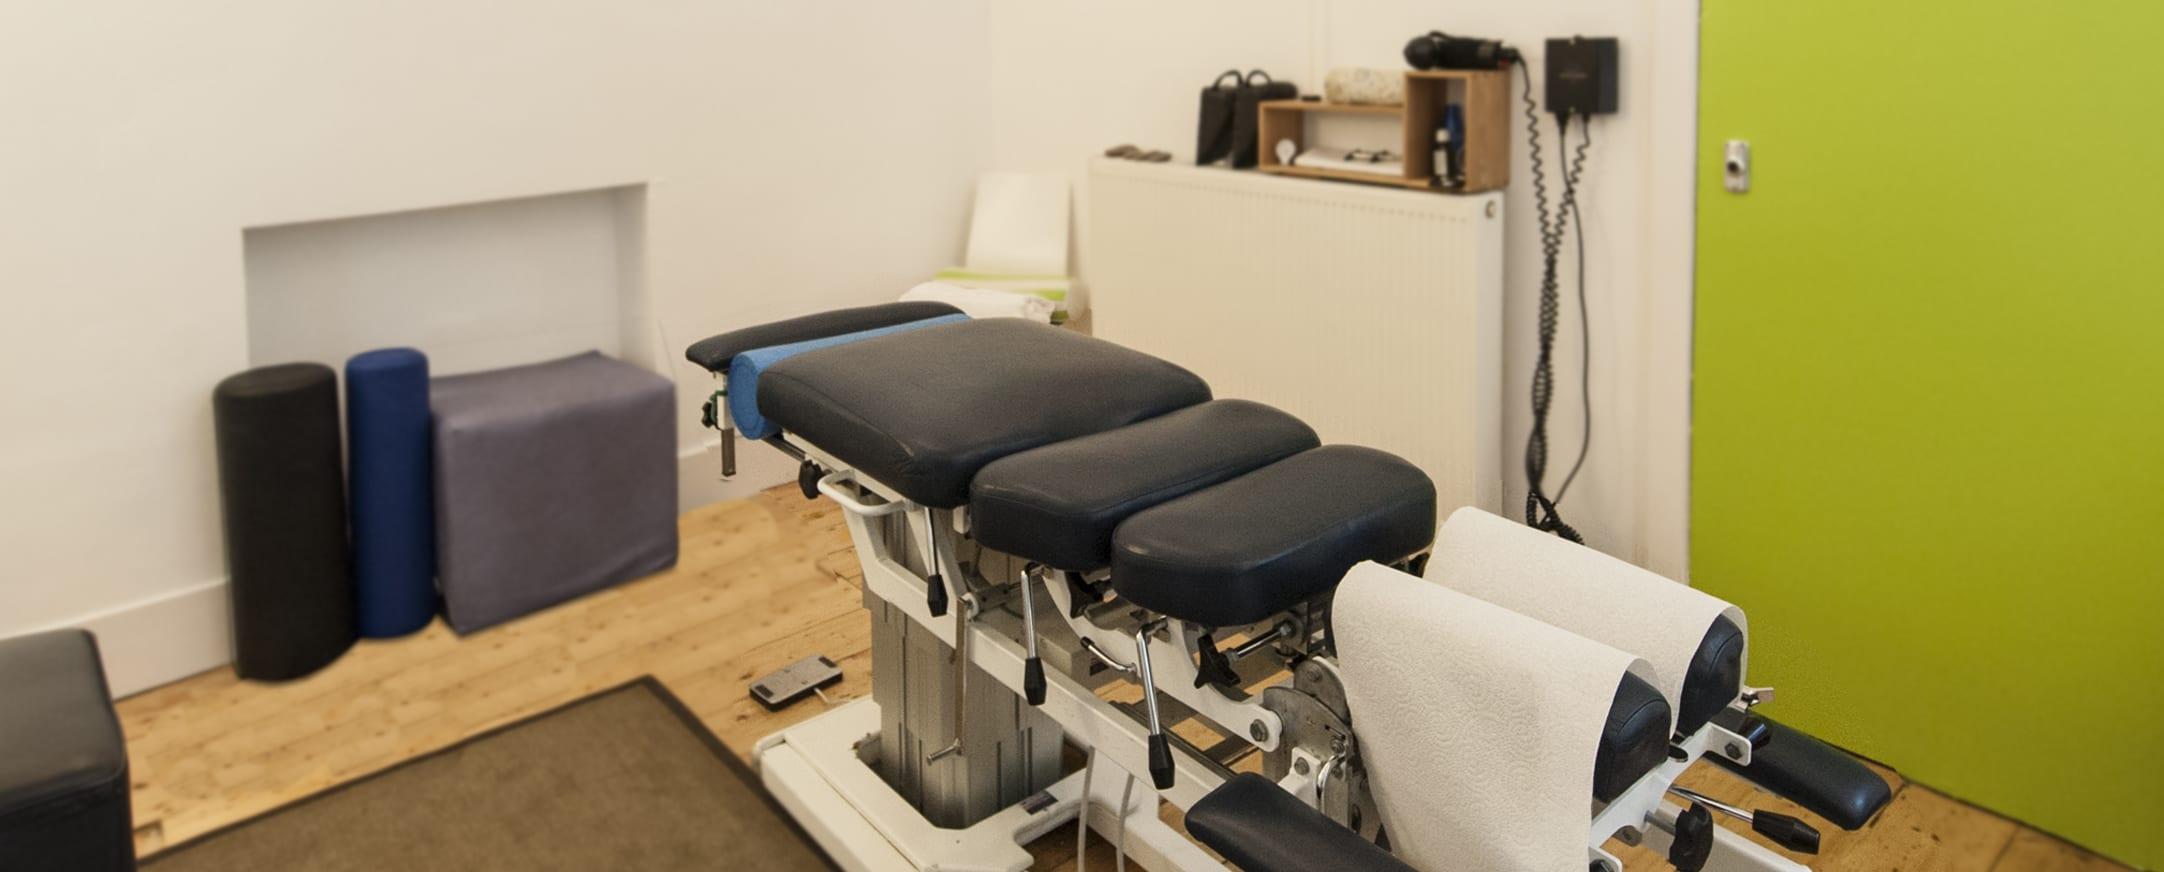 richard_treatment_chair